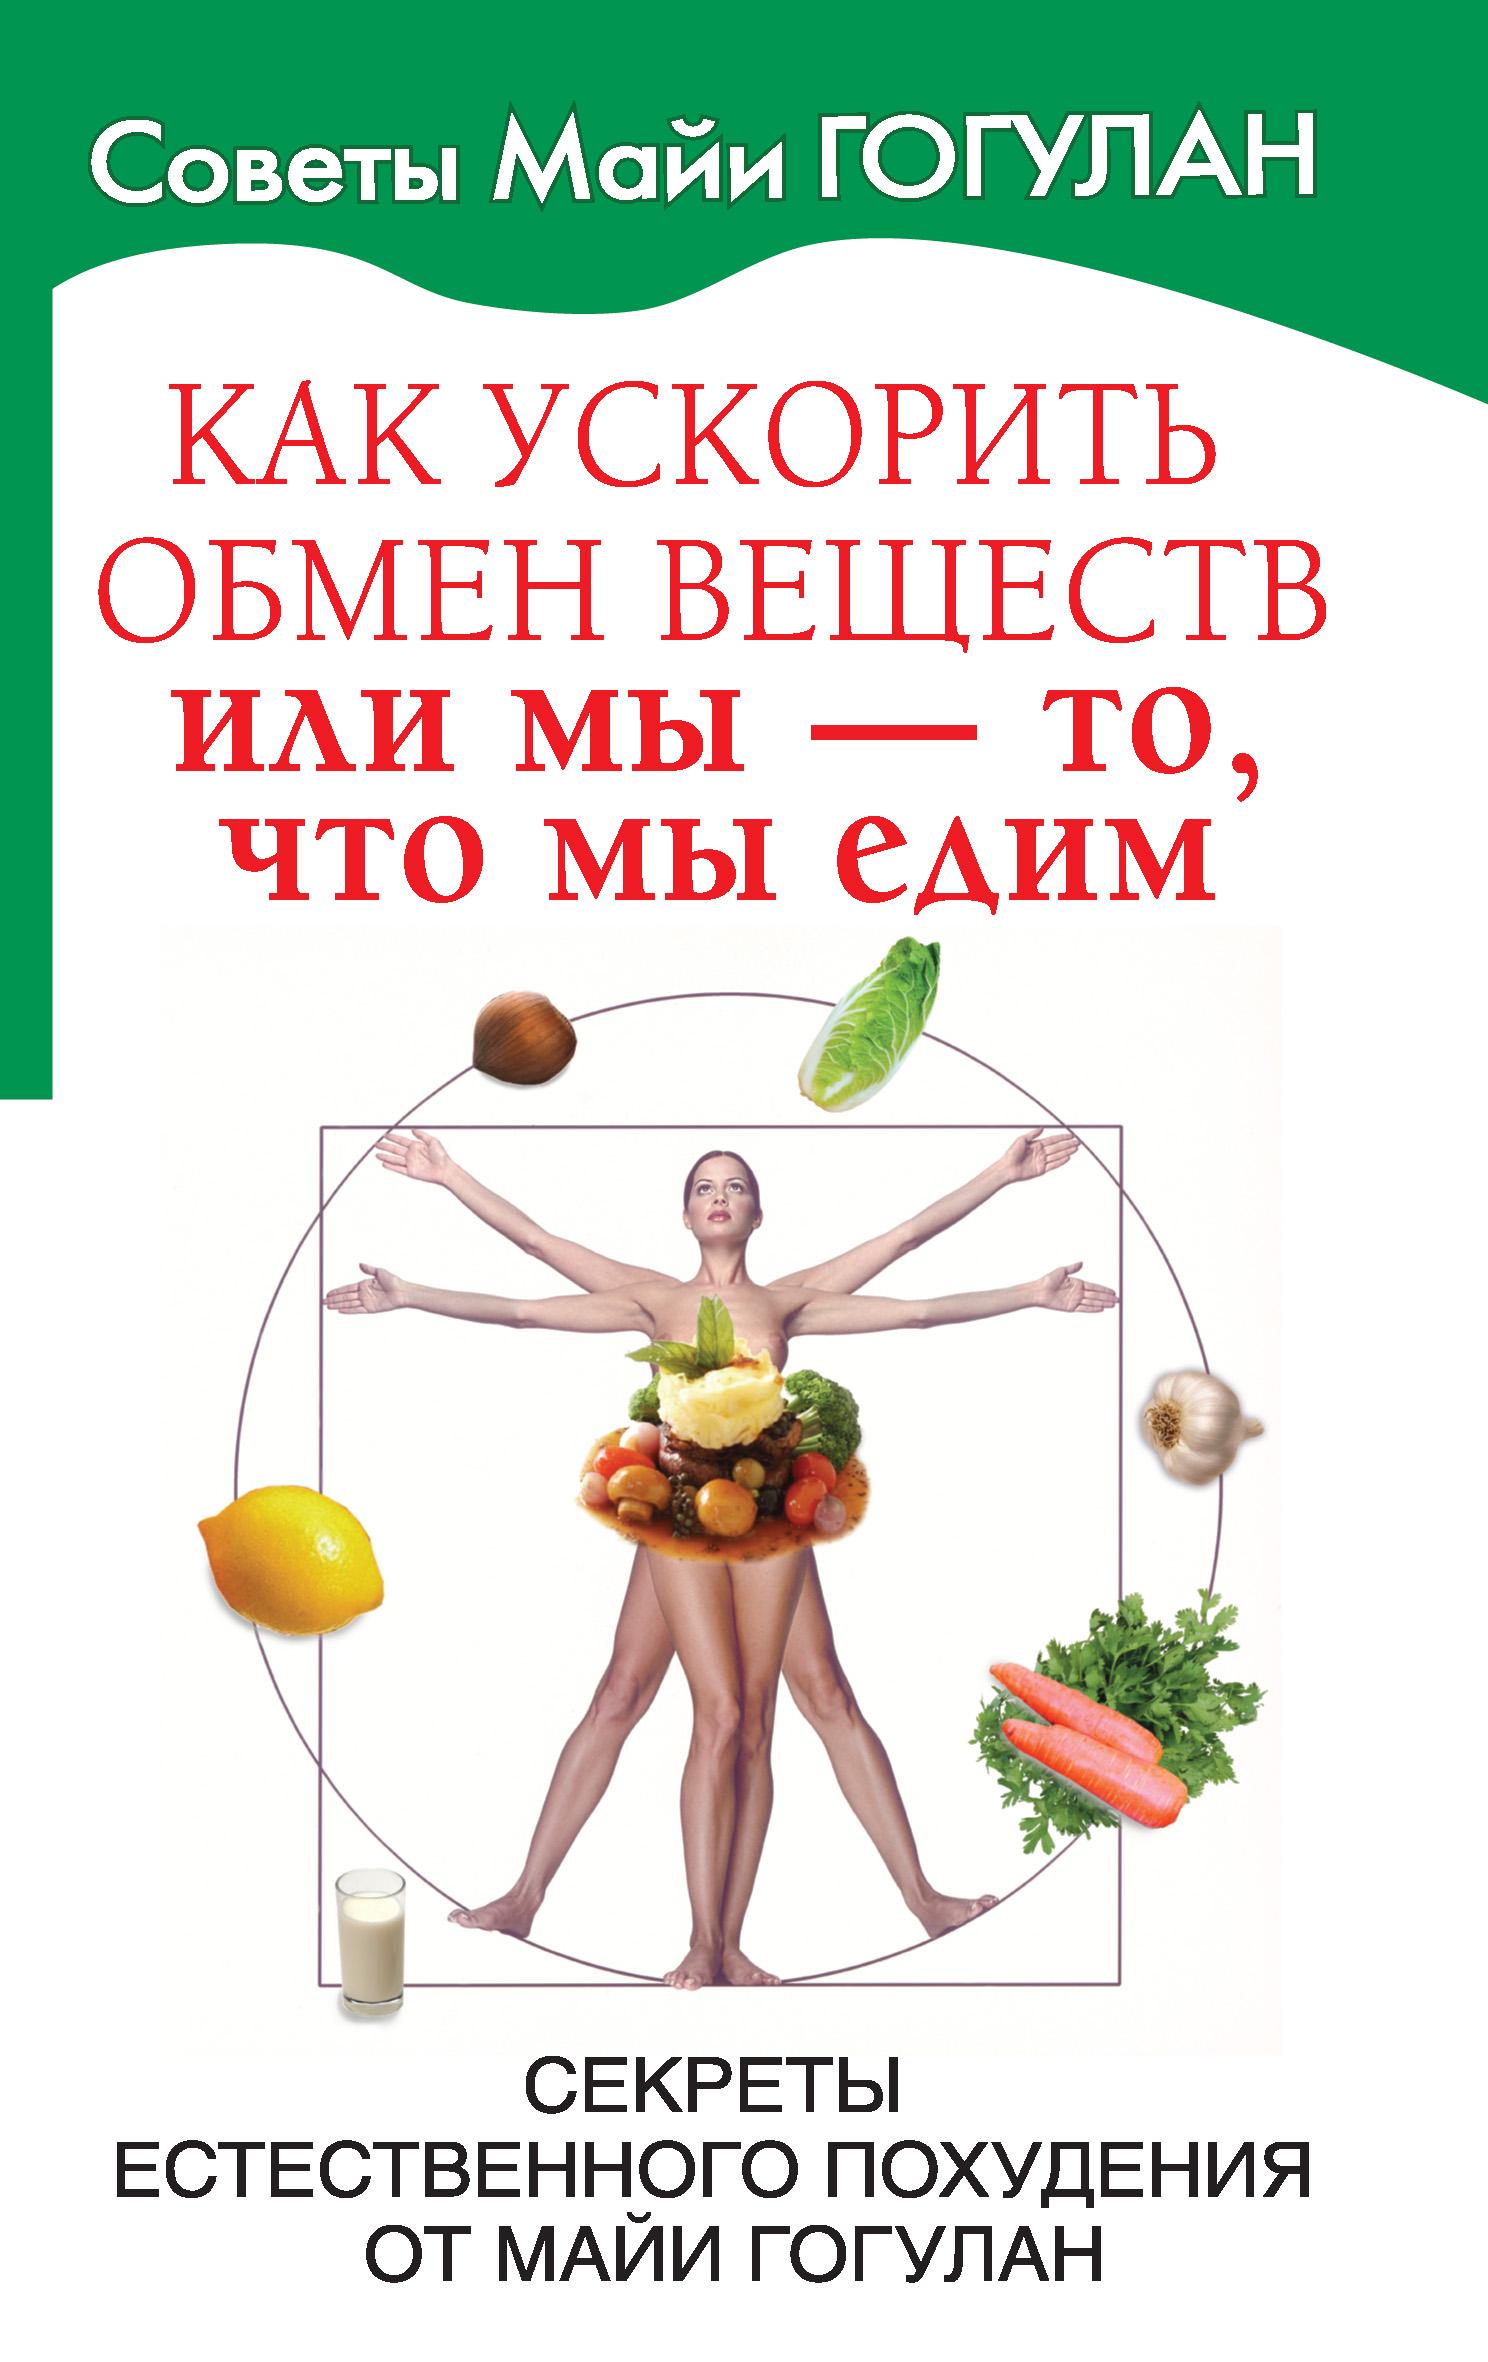 Майя Гогулан Как ускорить обмен веществ, или Мы – то, что мы едим. Секреты естественного похудения от Майи Гогулан майя гогулан энциклопедия здорового питания большая книга о здоровой и вкусной пище